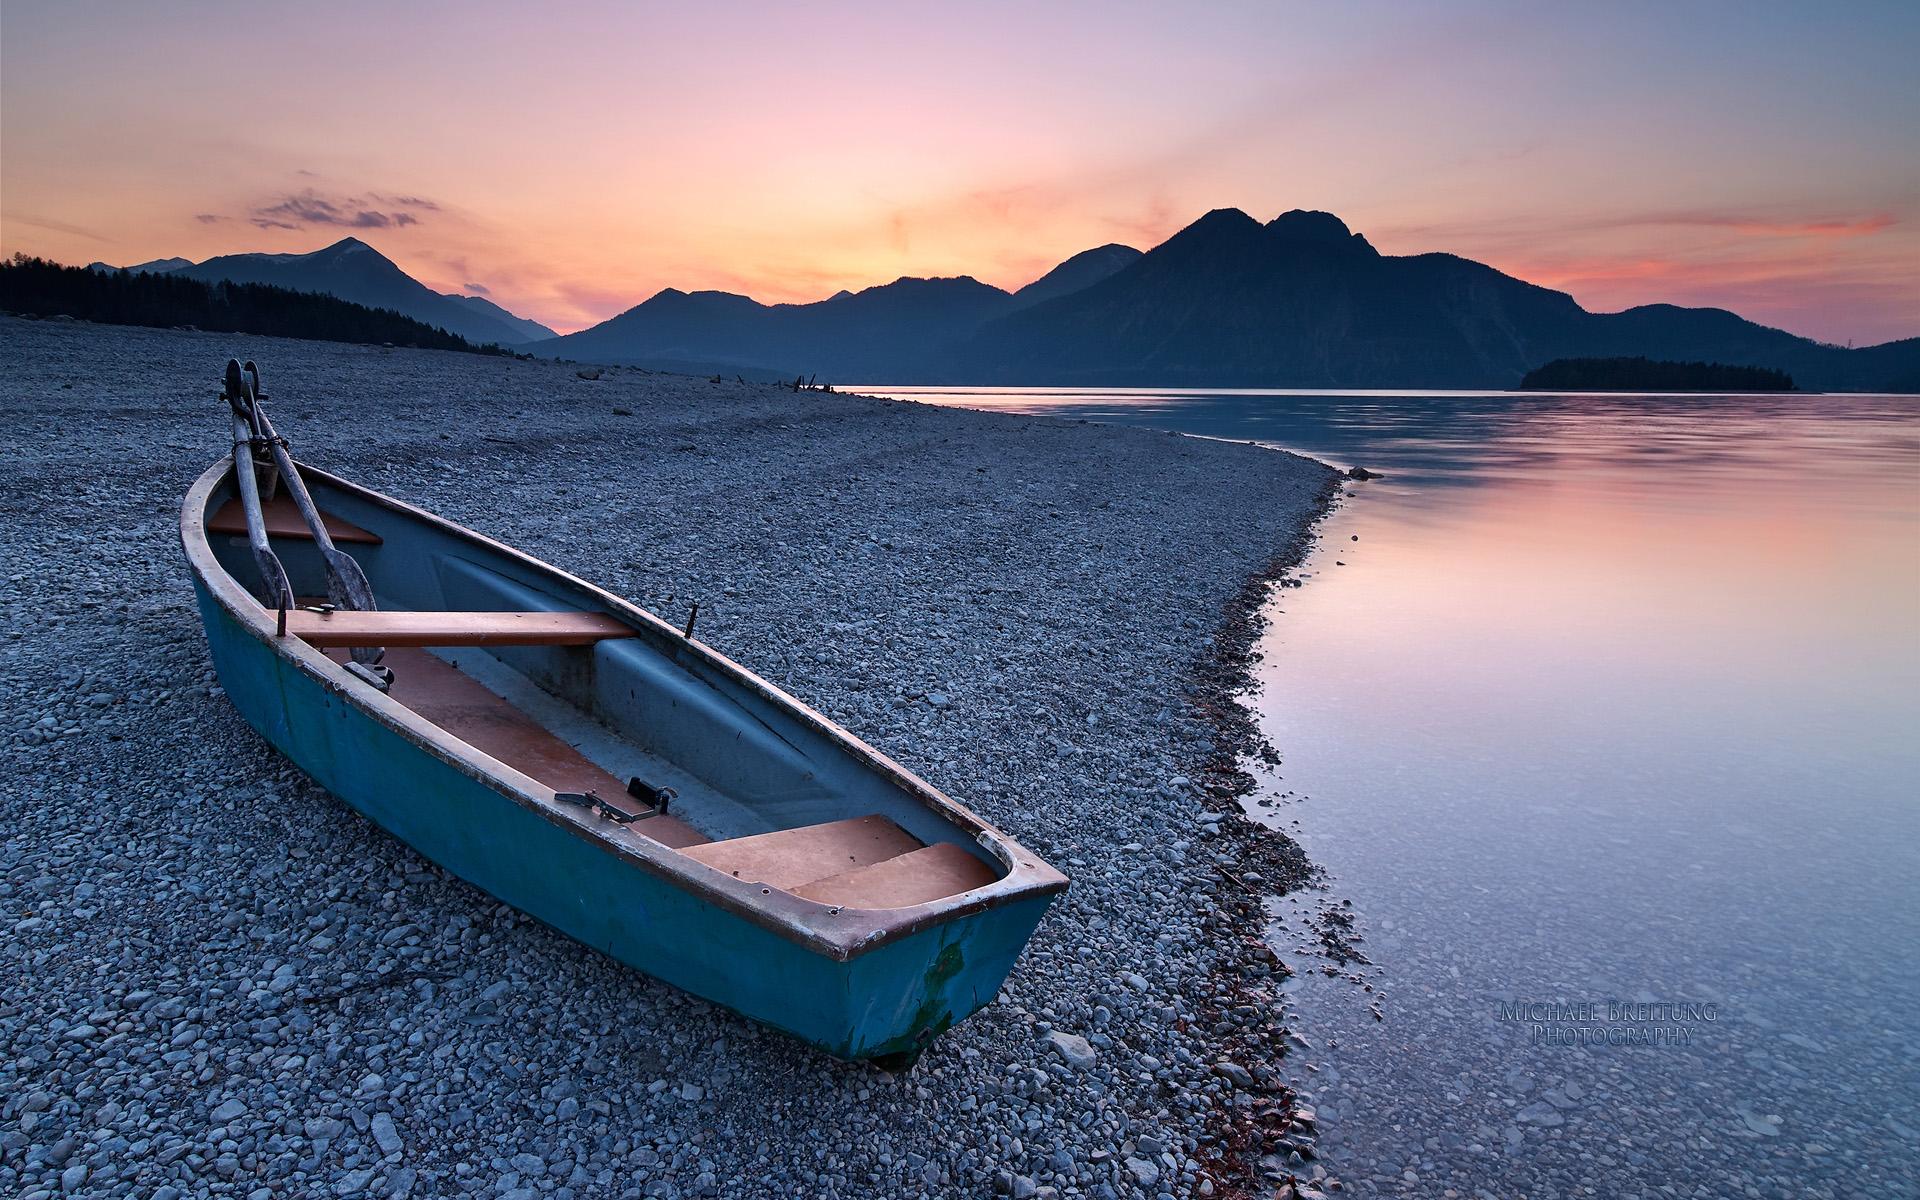 Лодка на берегу зеленого озера  № 2493051 без смс